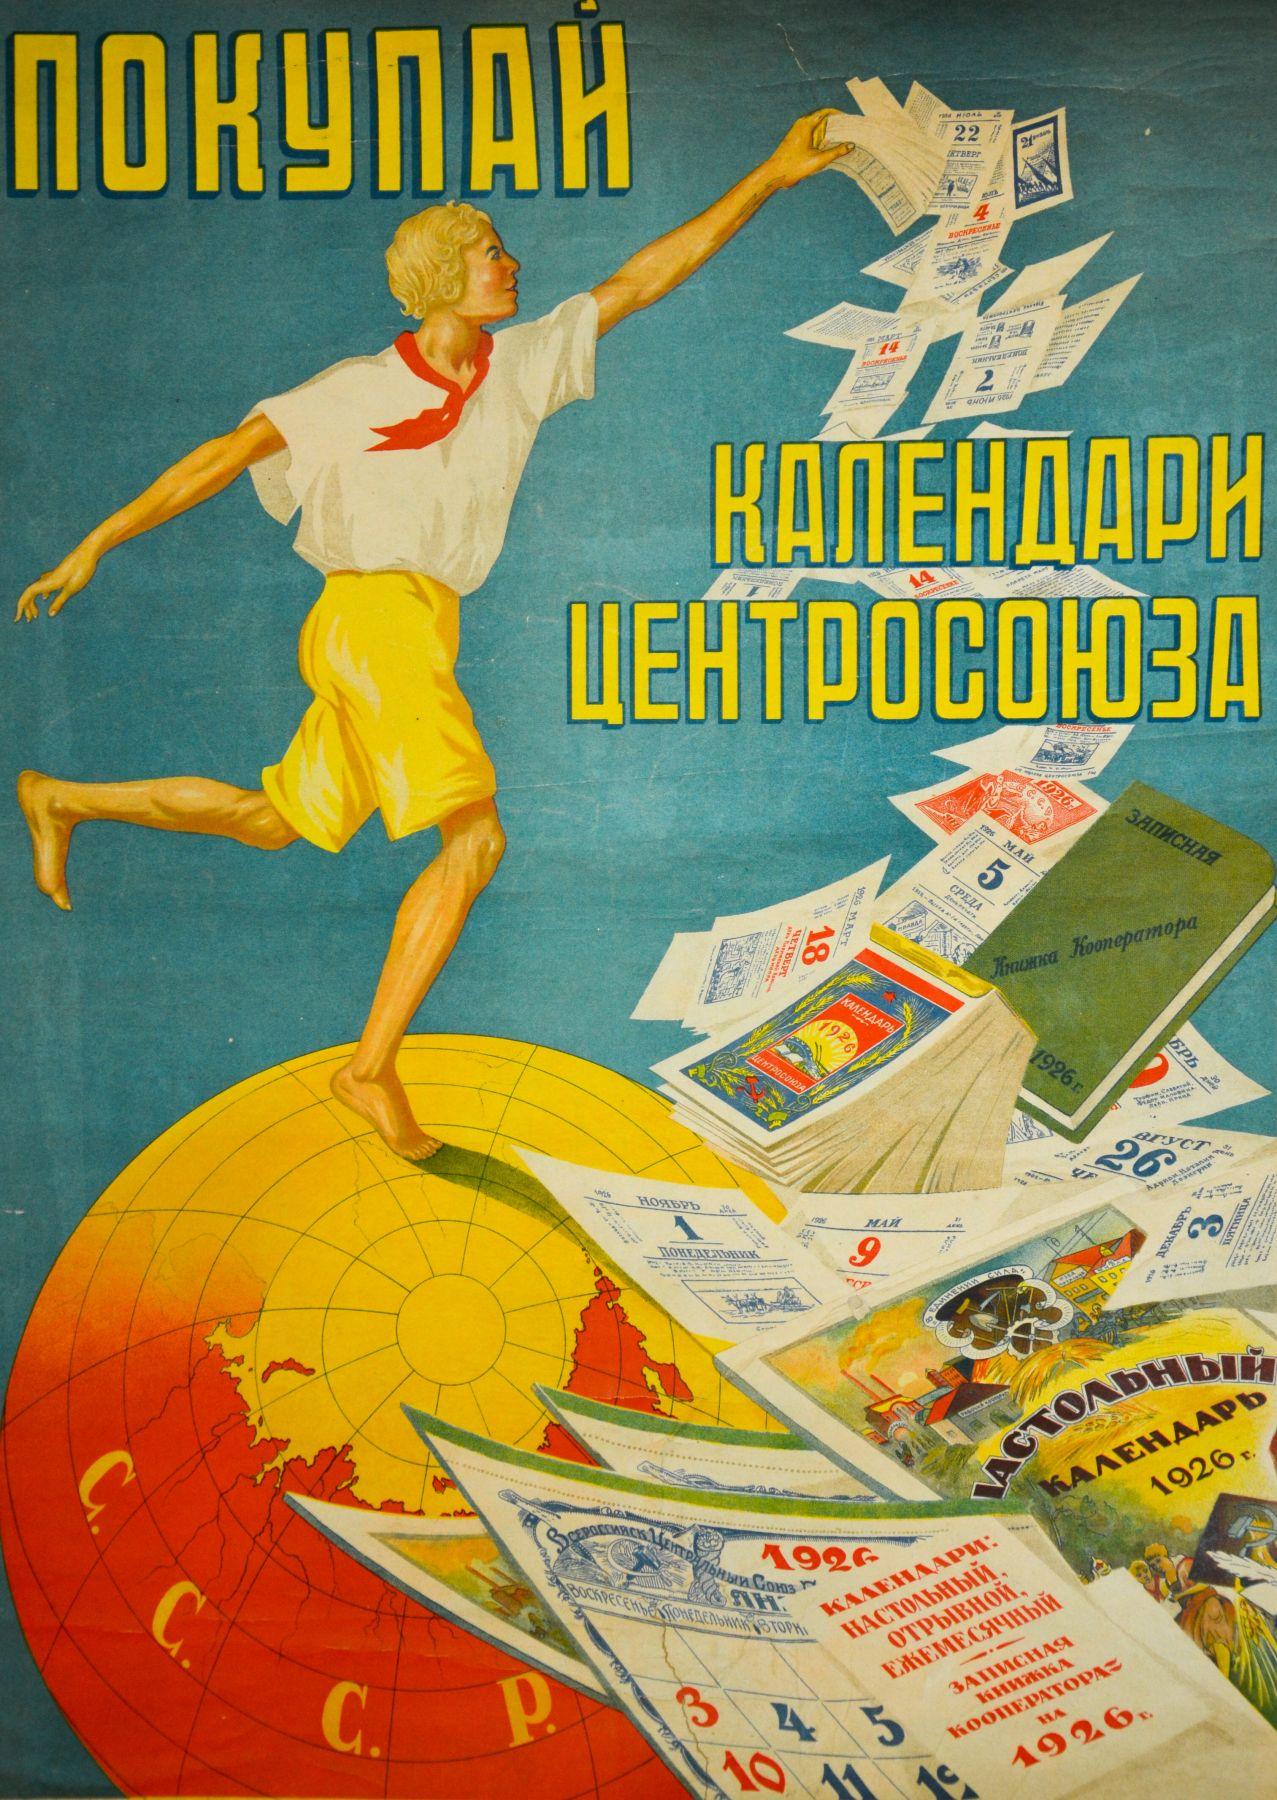 Покупай календари Центросоюза.